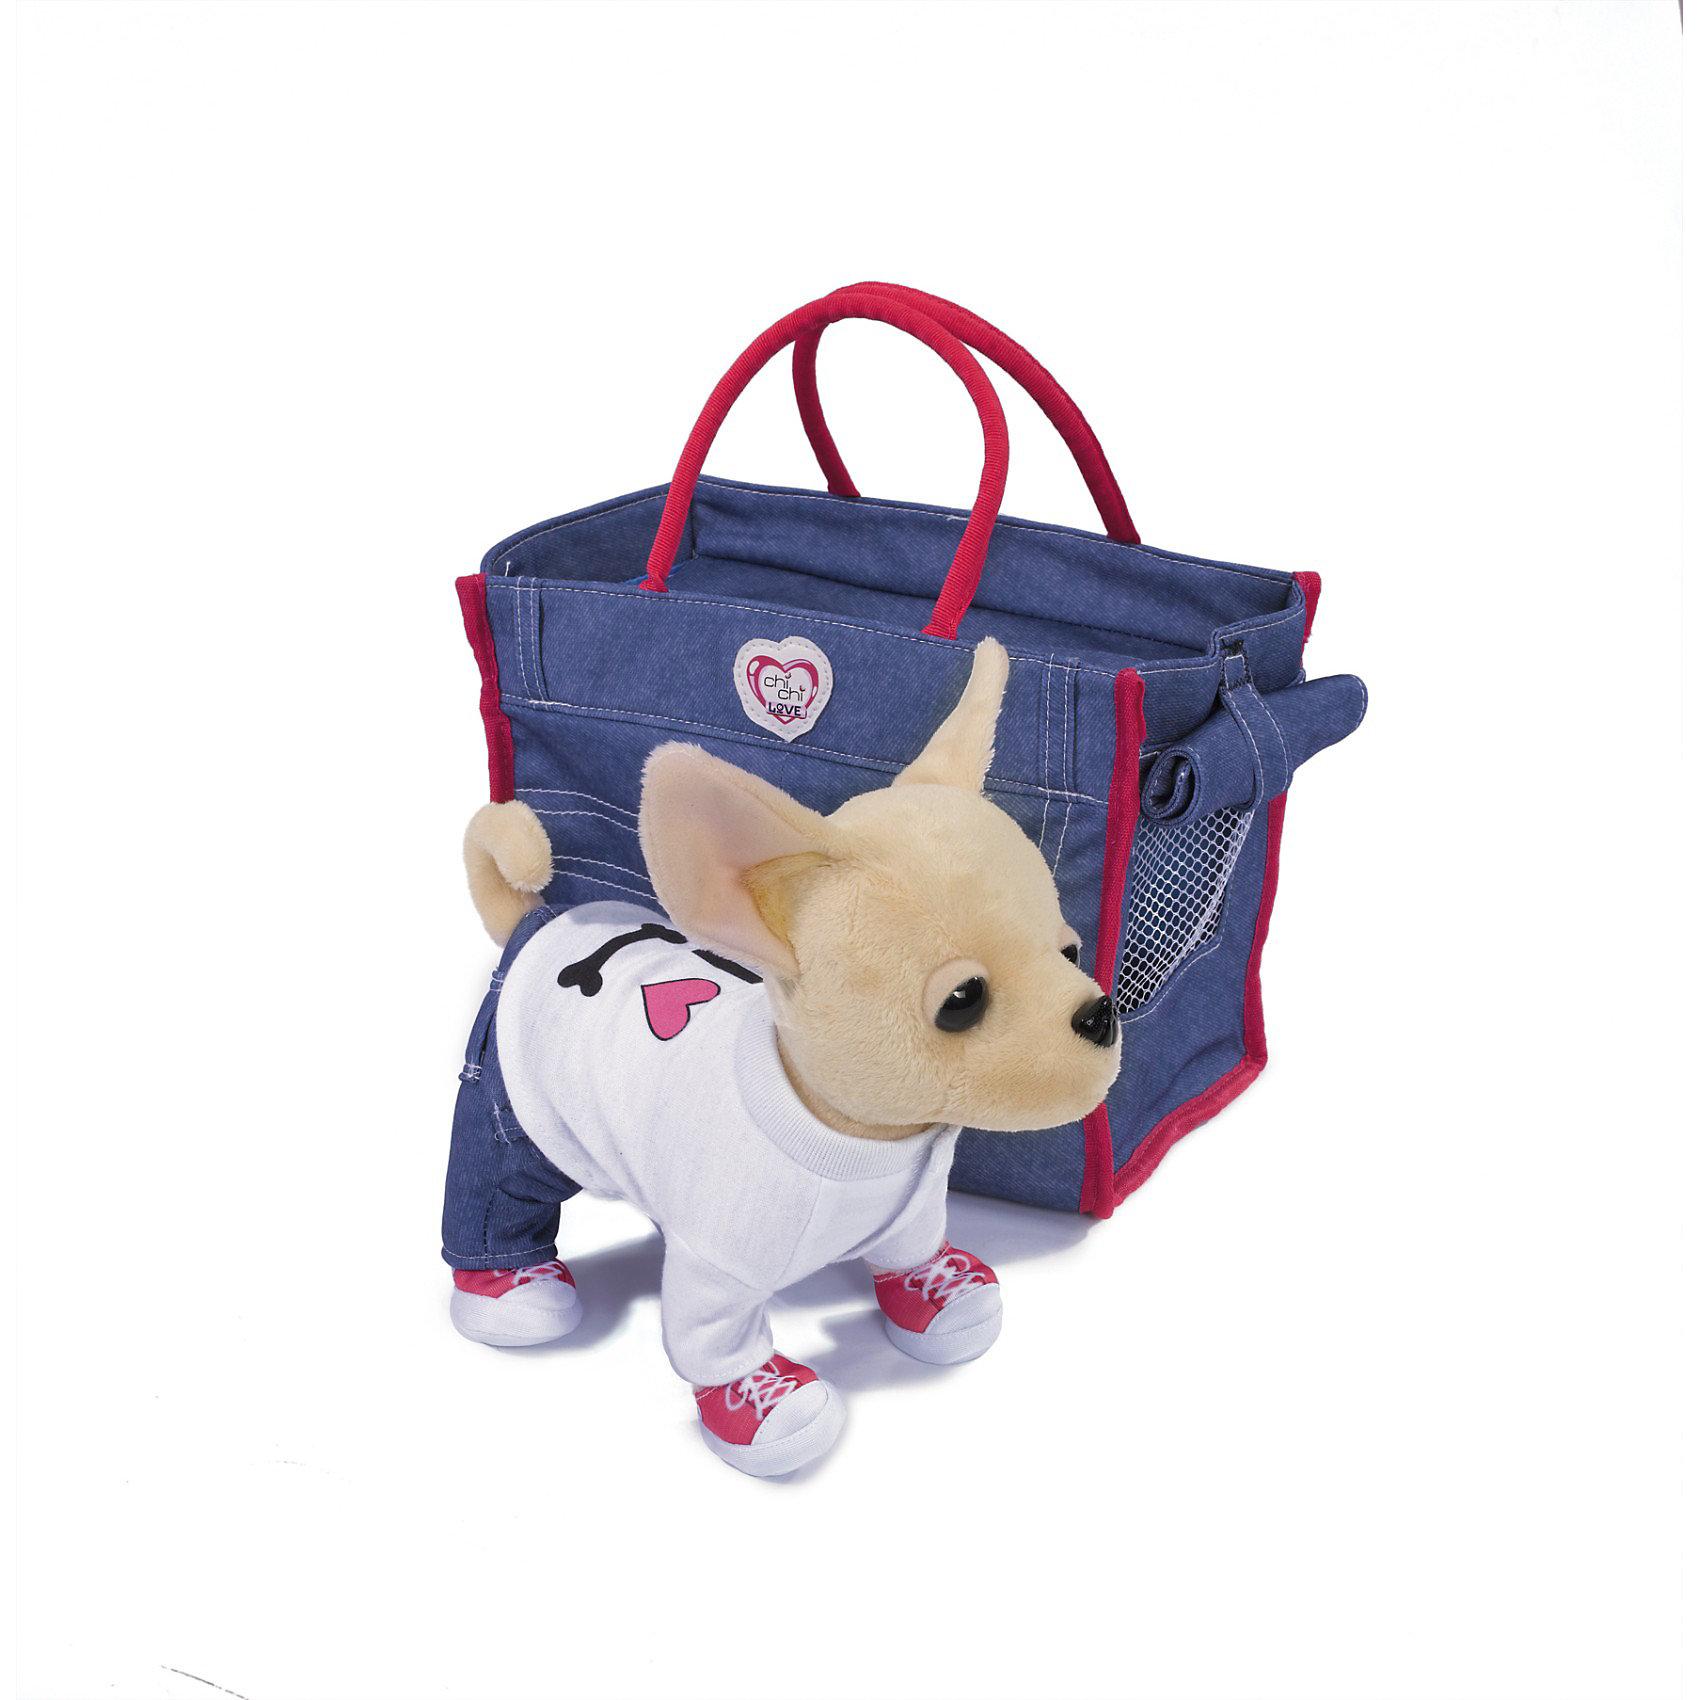 Чихуахуа в джинсах и рубашке, с сумкой, 20 см, Chi Chi LoveПрелестная плюшевая собачка наверняка станет любимицей для вашего ребенка. Собачка одета в модную футболочку, джинсы и кроссовки. Для переноски собачки прилагается модная джинсовая сумочка. Собачку можно также использовать как стильный аксессуар для девочки.<br><br>Дополнительная информация:<br><br>- Размер игрушки: 20 см.<br>- Размер упаковки: 17,5 х 27,5 х 300 см.<br>- Вес: 0,594 кг.<br><br>Порадуйте вашу девочку, подарите ей  прелестную собачку!<br><br>Купить собачку можно в нашем магазине<br><br>Ширина мм: 277<br>Глубина мм: 305<br>Высота мм: 175<br>Вес г: 590<br>Возраст от месяцев: 60<br>Возраст до месяцев: 96<br>Пол: Женский<br>Возраст: Детский<br>SKU: 2246348